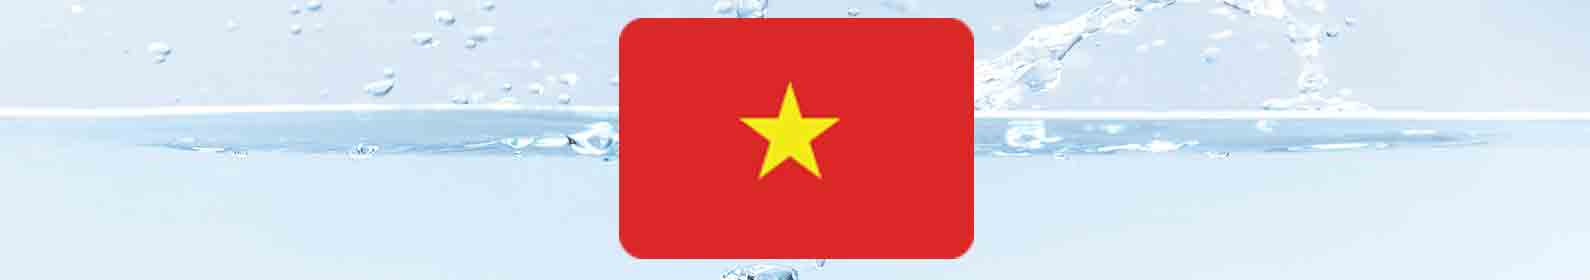 tratamento-de-agua-vietna.jpg